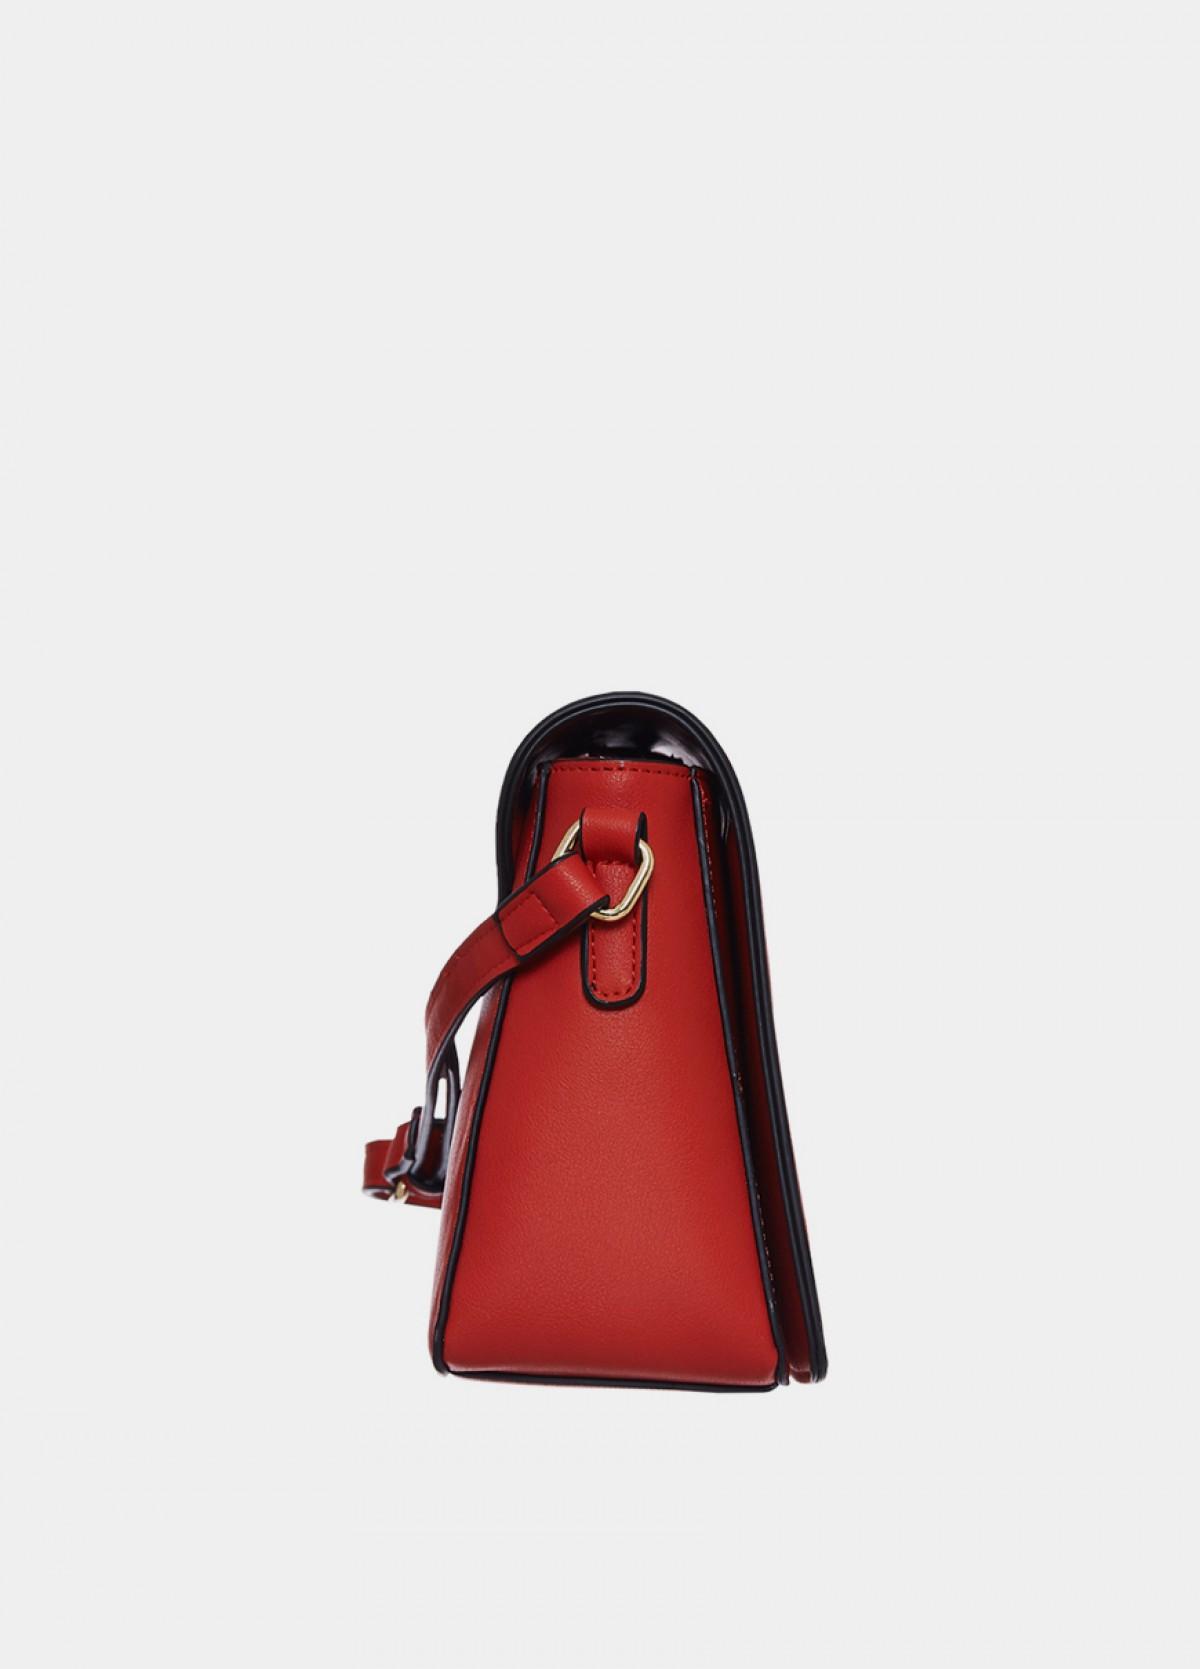 The Red Sling Handbag